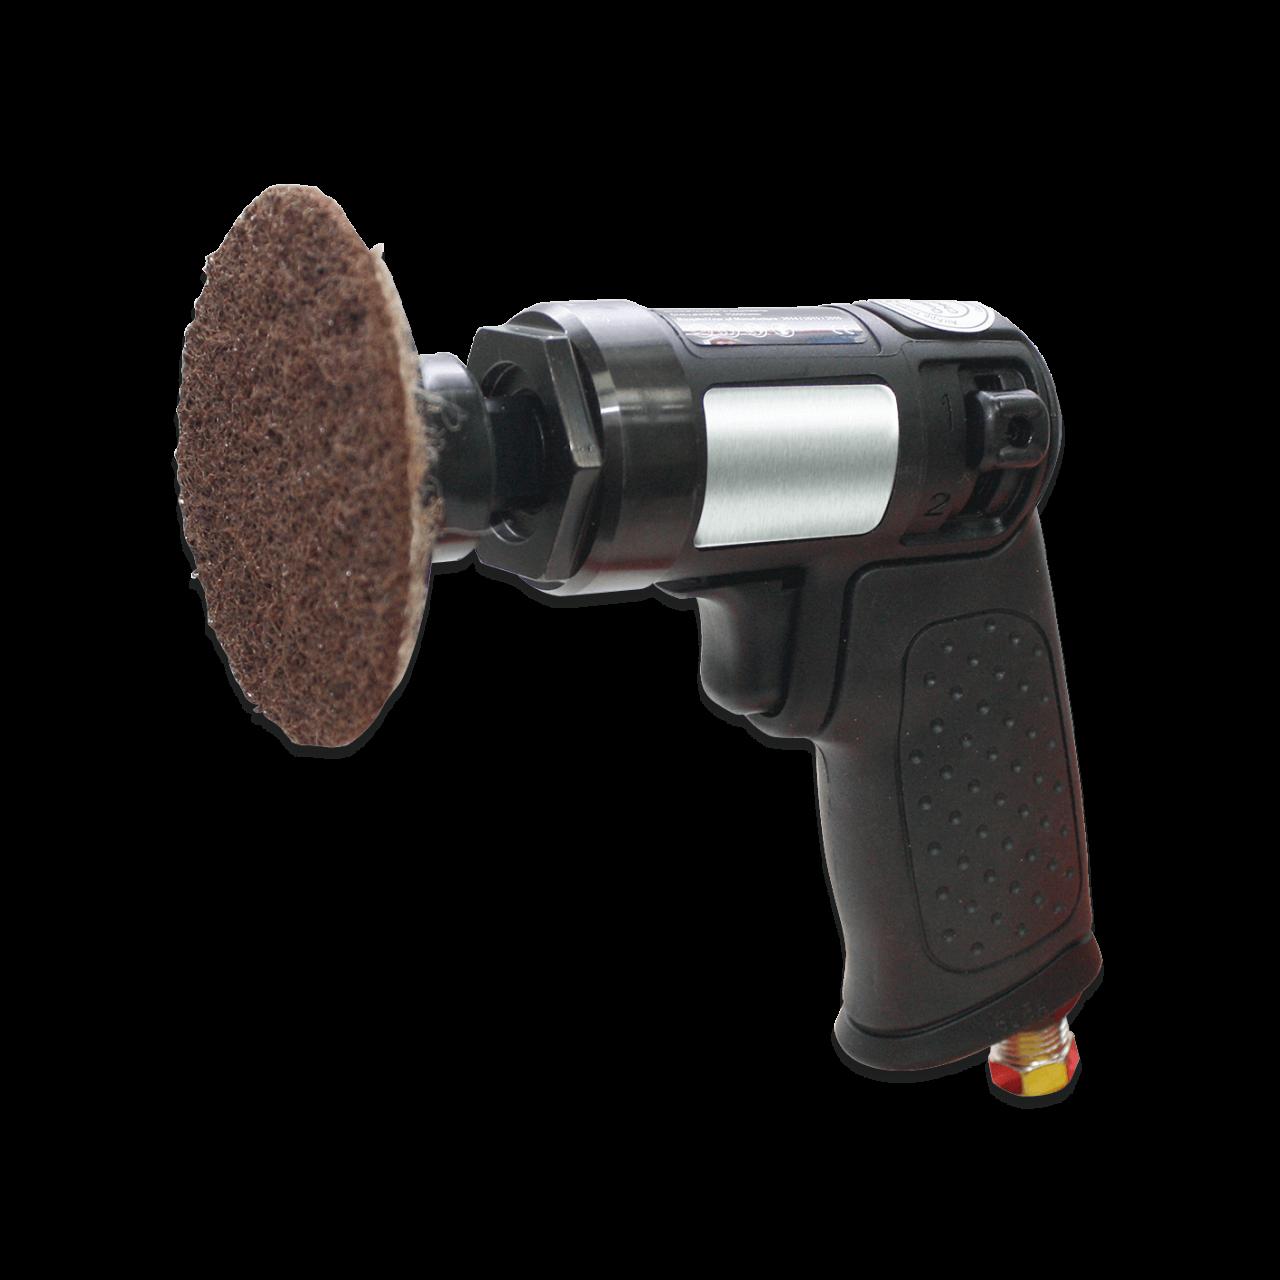 Pistolenschleifer-Satz Bild 4